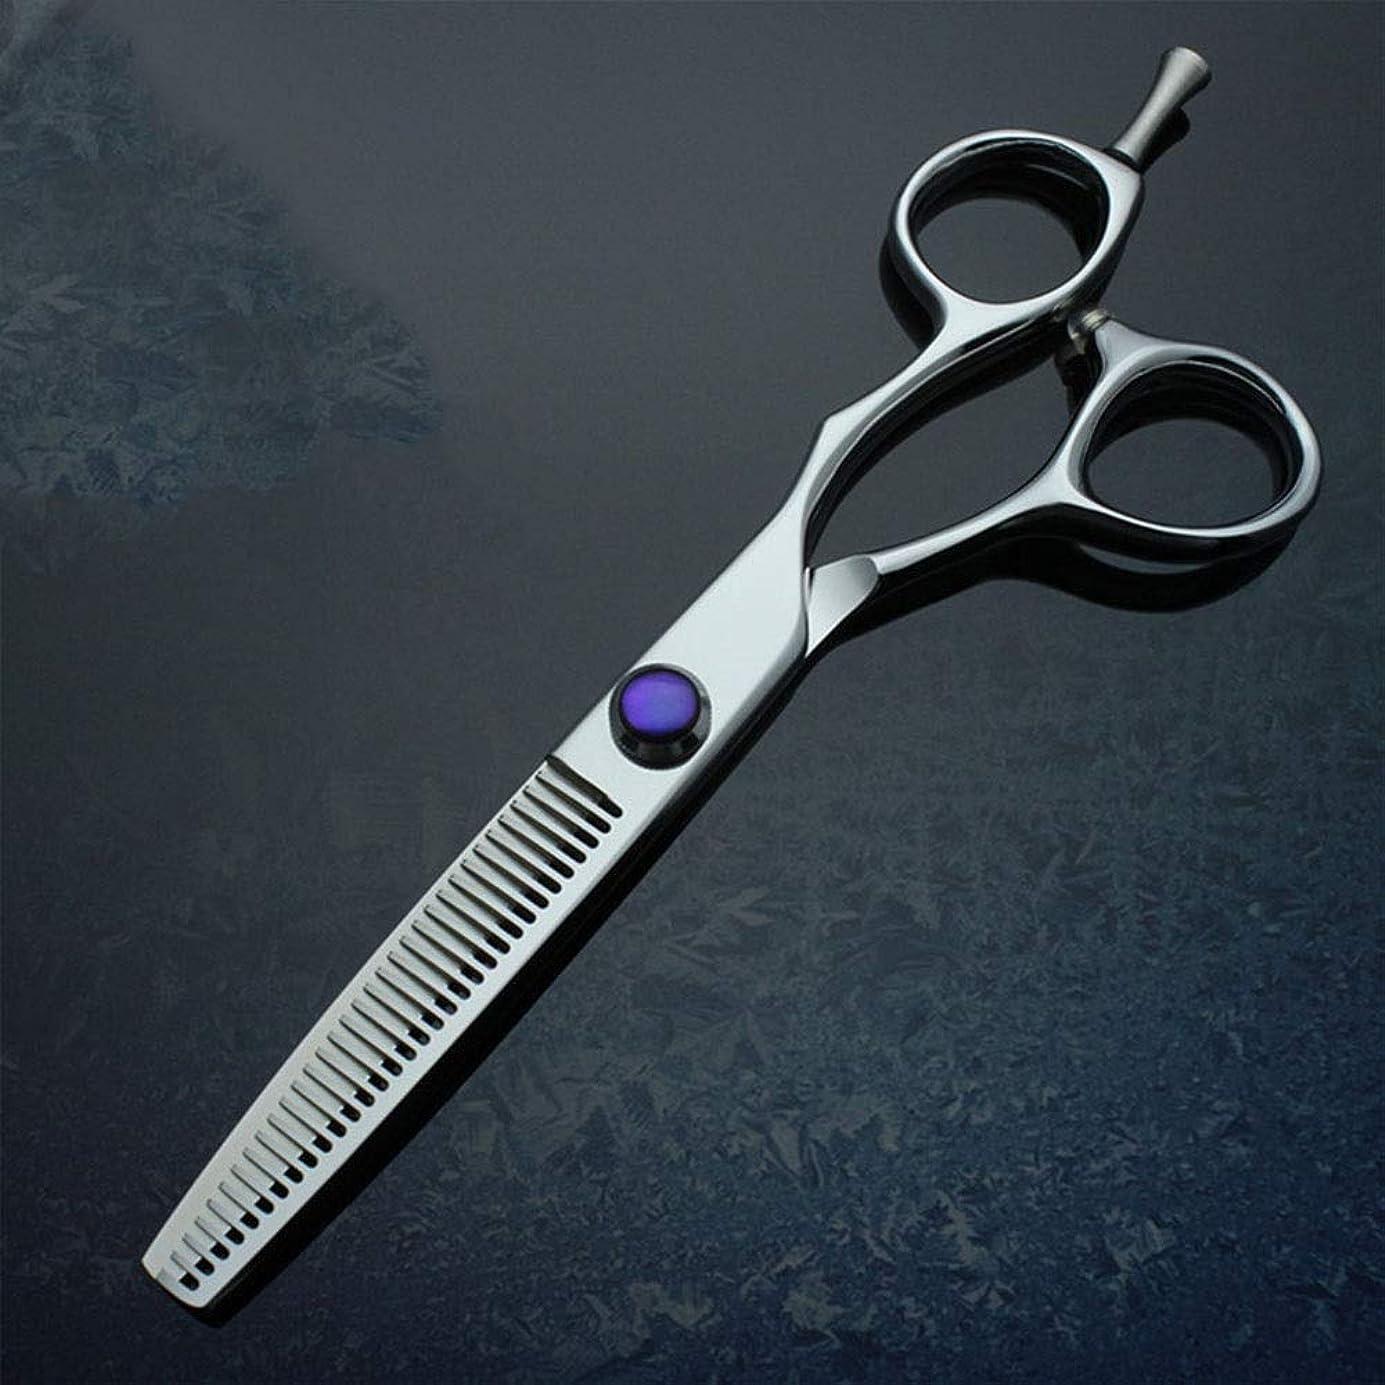 せせらぎ繁殖推定する6インチプロフェッショナル美容院美容院ネイル美容鋏 モデリングツール (色 : 紫の)